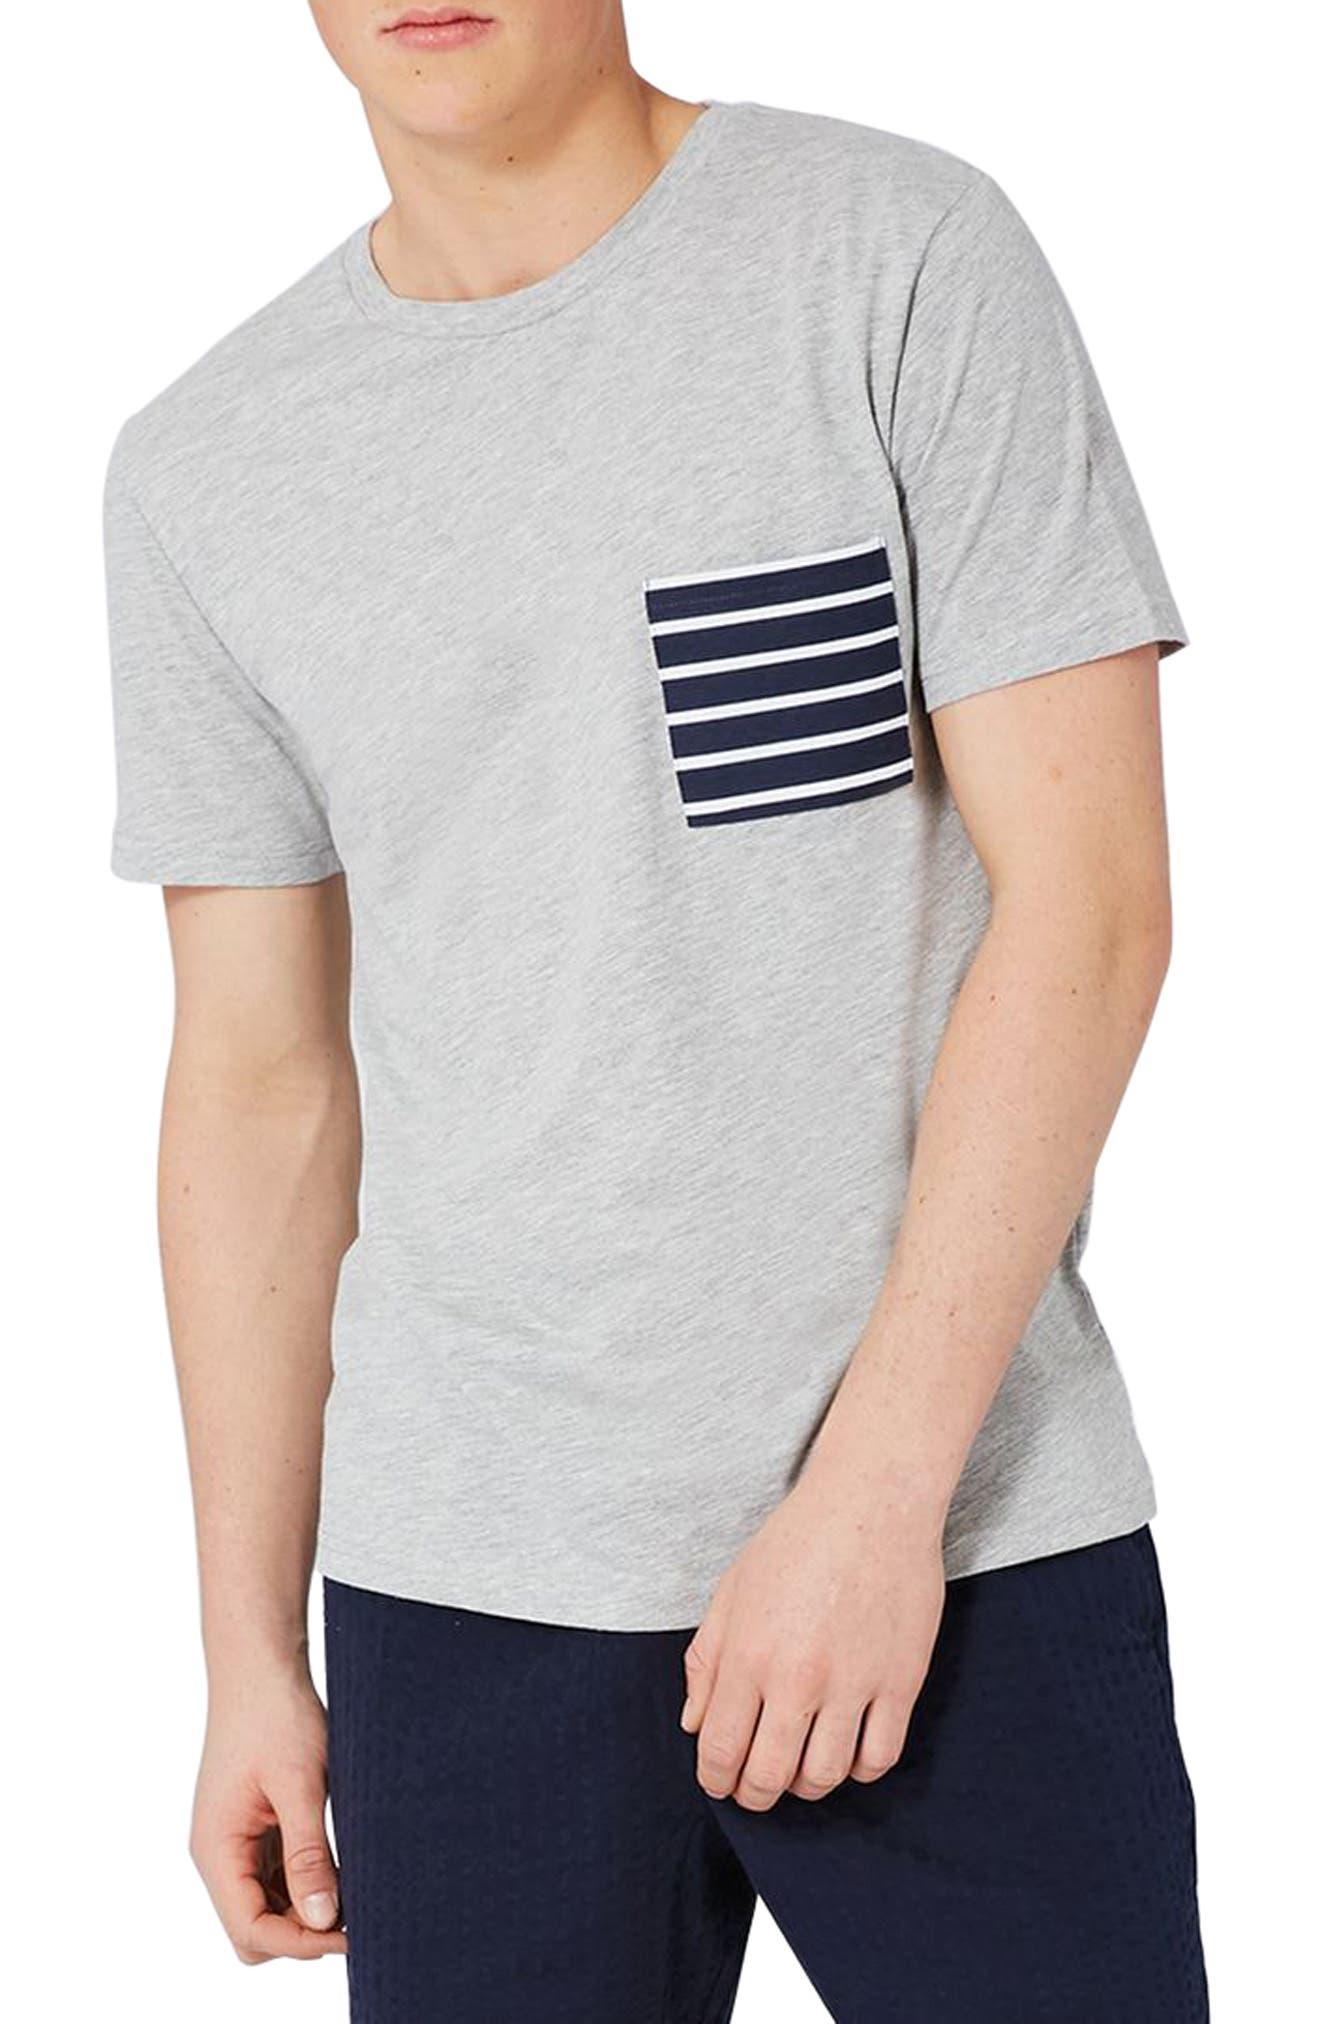 Topman Stripe Pocket T-Shirt